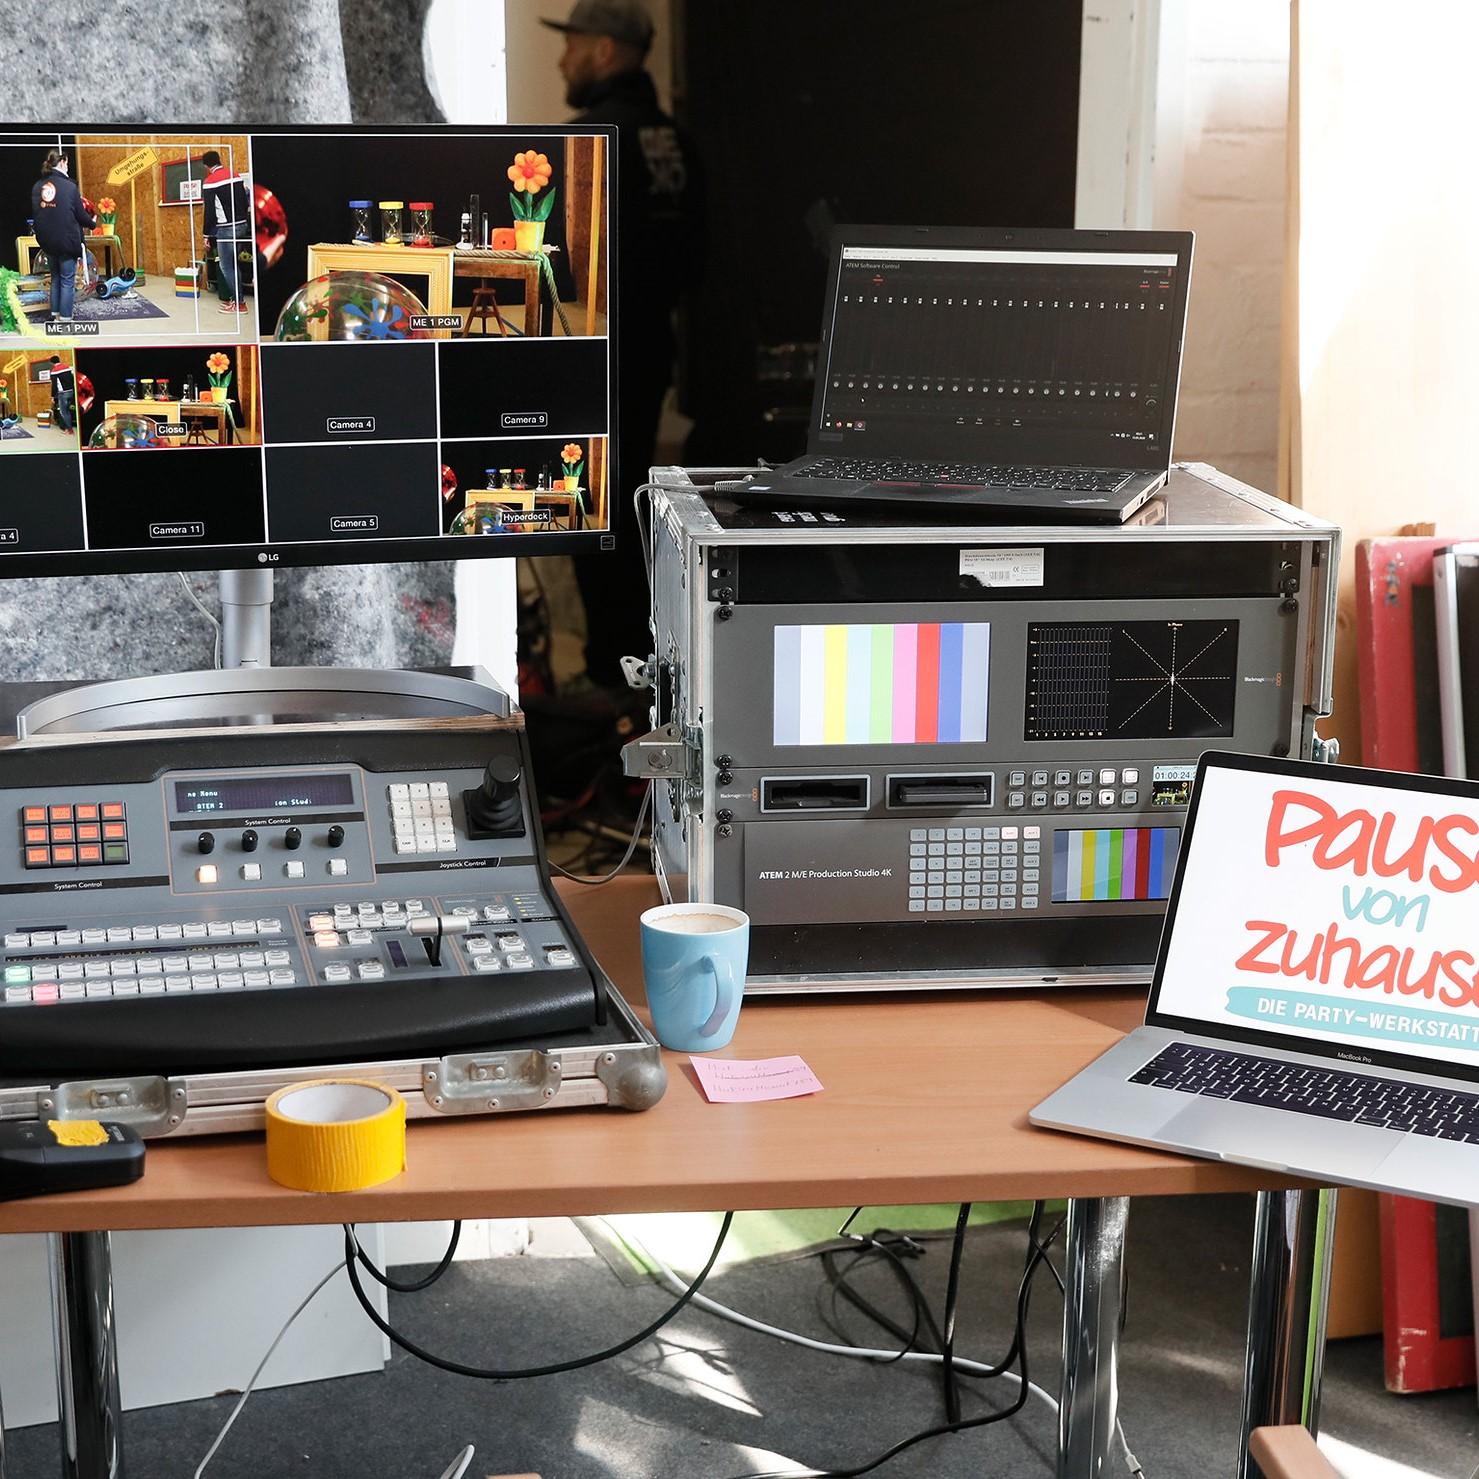 Bild: Technik Dreharbeiten Pause von Zuhause